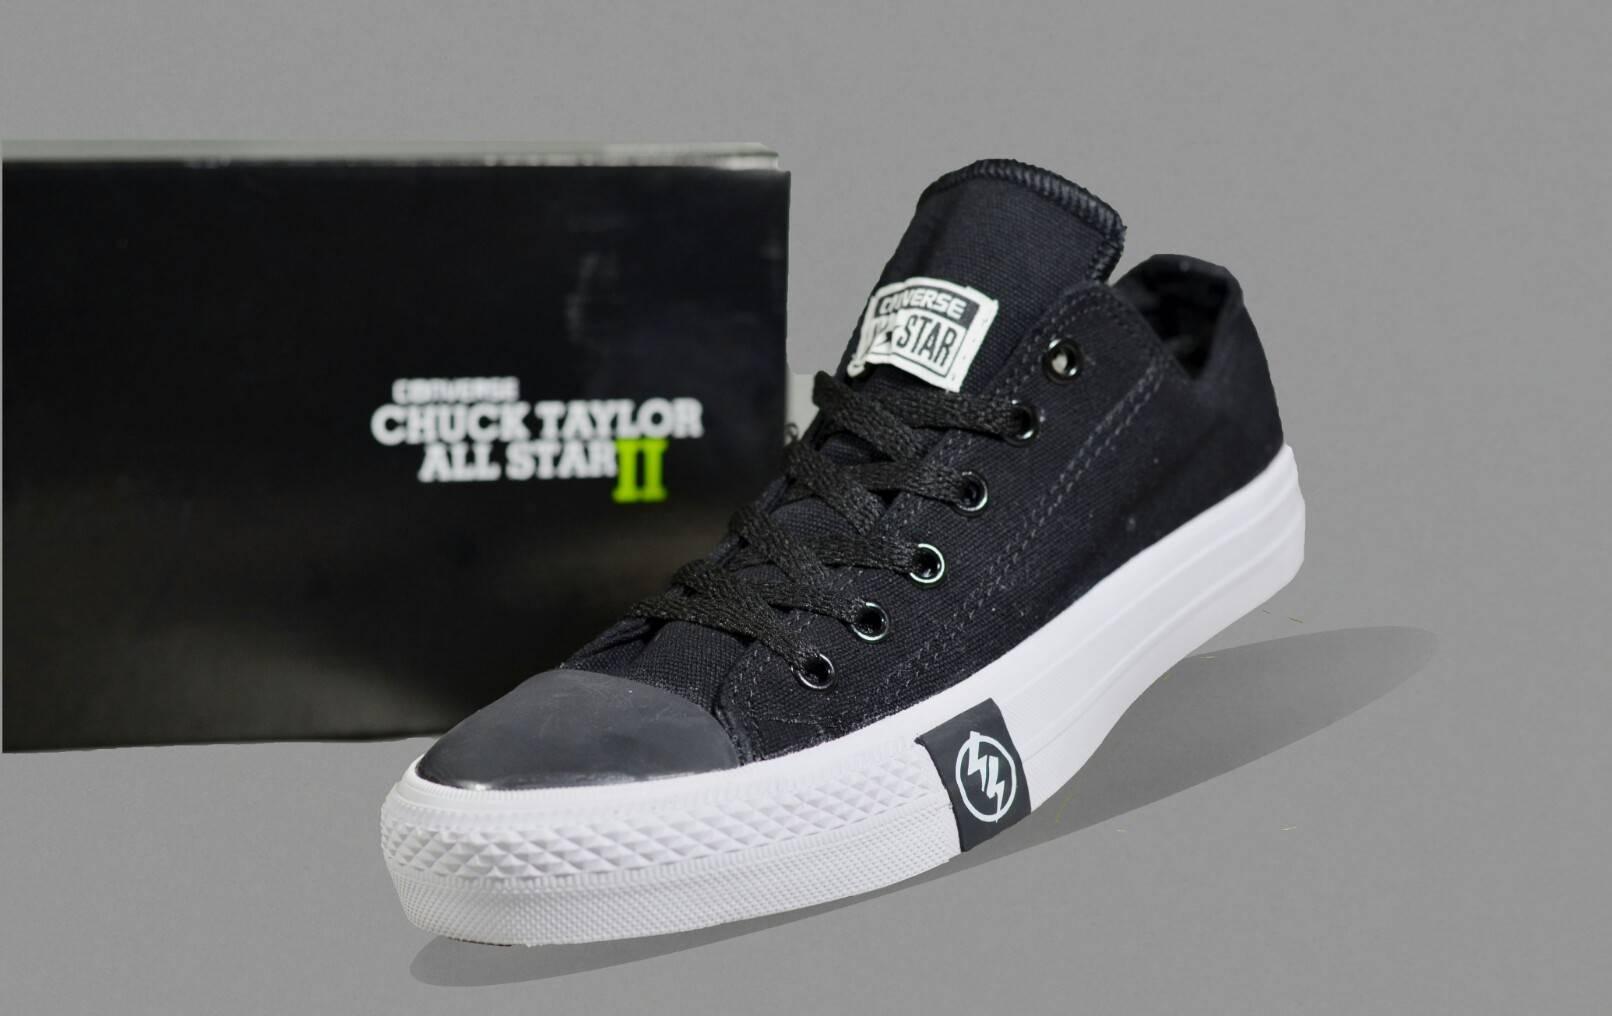 Sepatu Converse Chuck Taylor All Star II Sepatu Pria Sepatu Sekolah  Nongkrong Bergaya Makin Pede Sepatu 6e20cfab3d